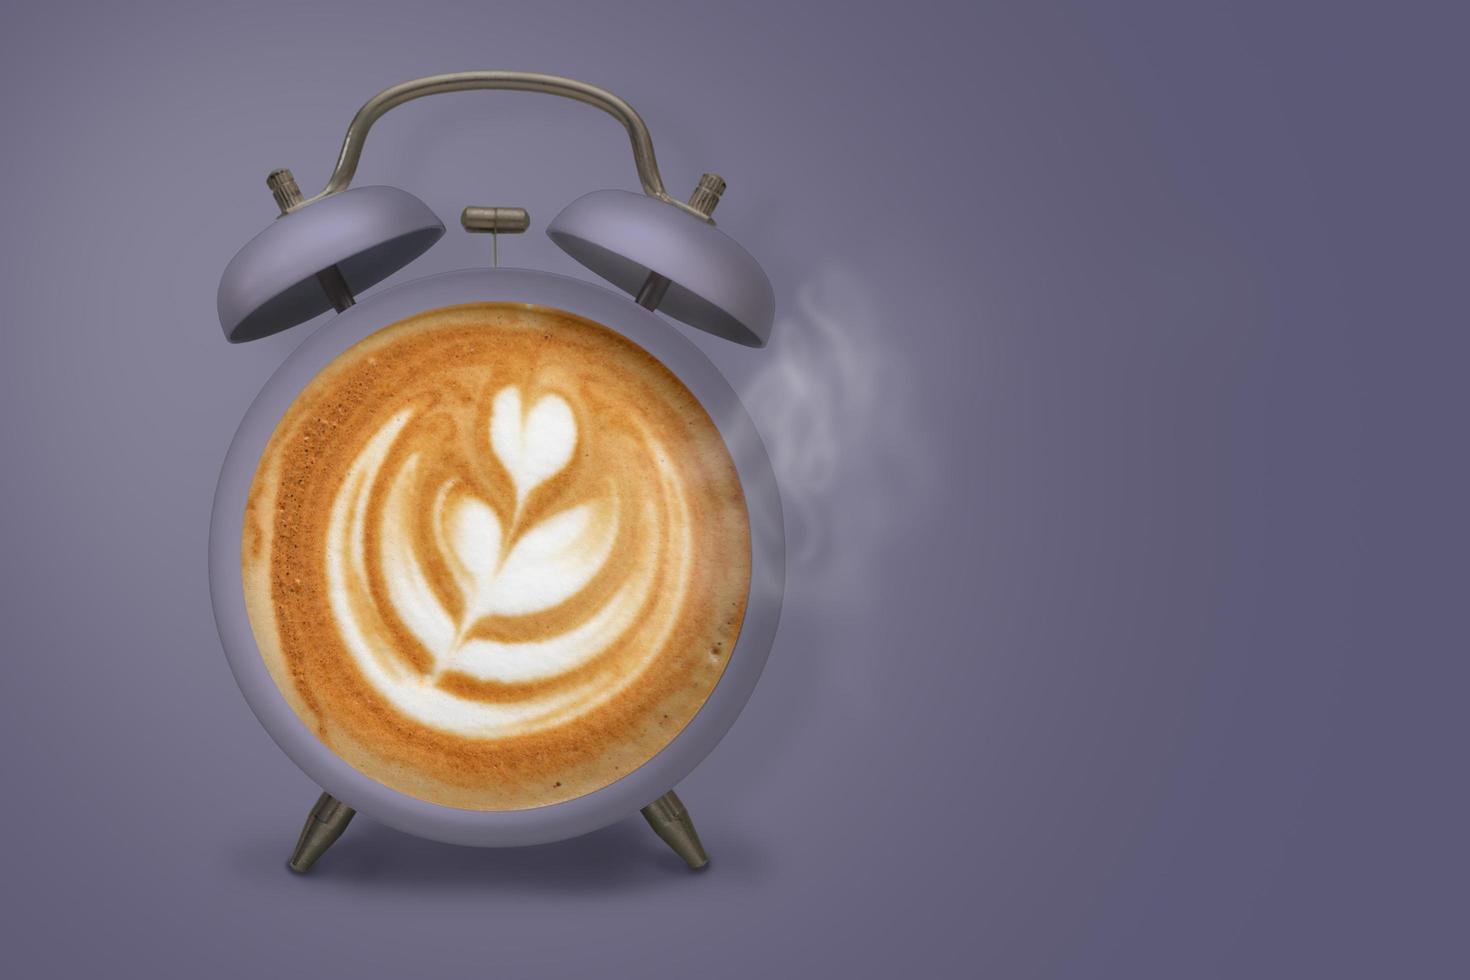 caffè caldo con schiuma schiumosa e vapore in sveglia viola foto